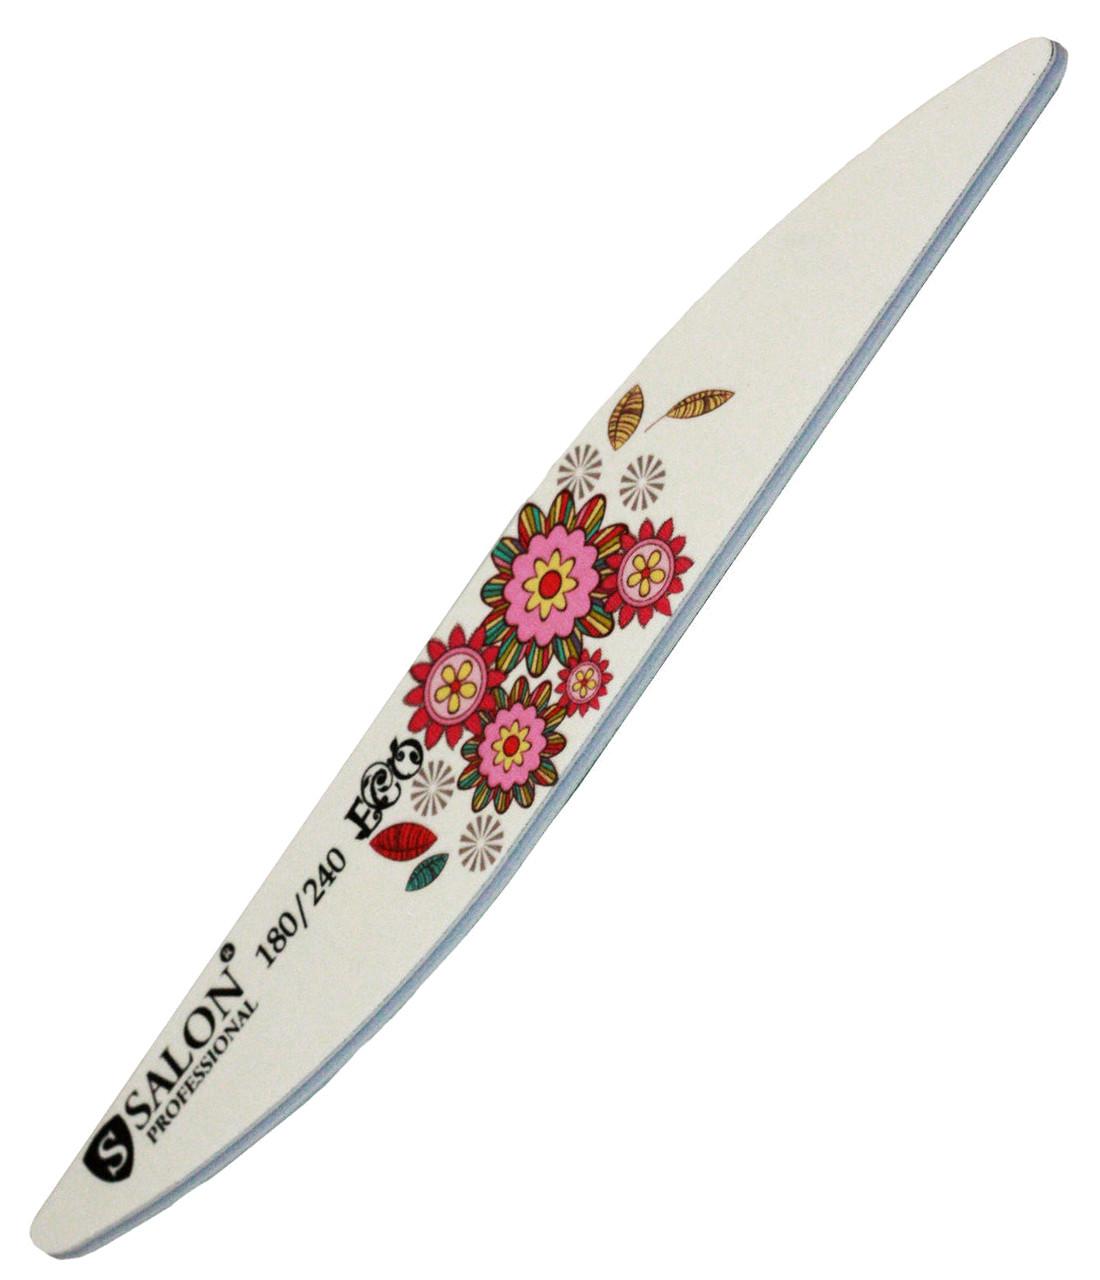 Пилки для ногтей SALON PROFESSIONAL (180/240) Teflon, капля, цветы, Eco